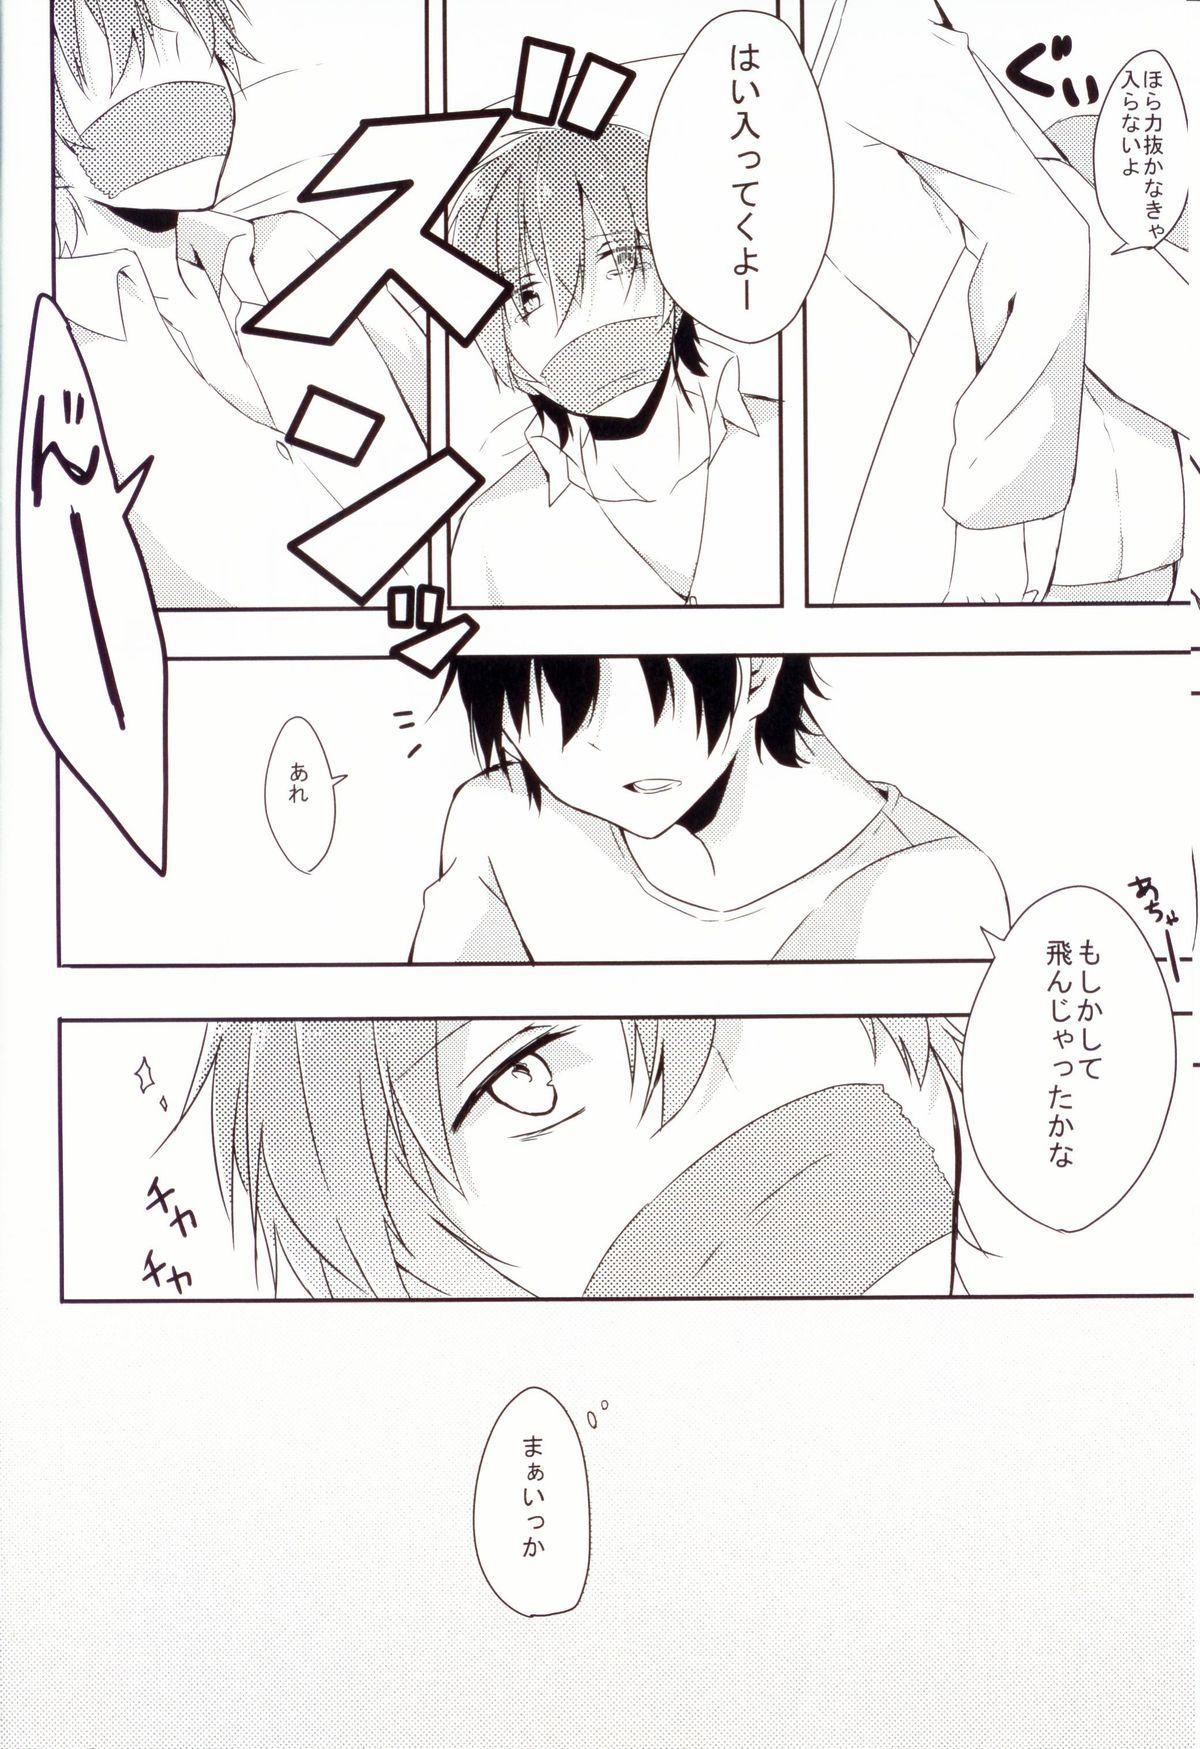 Makoto-chan o doro doro ni suru hon 8